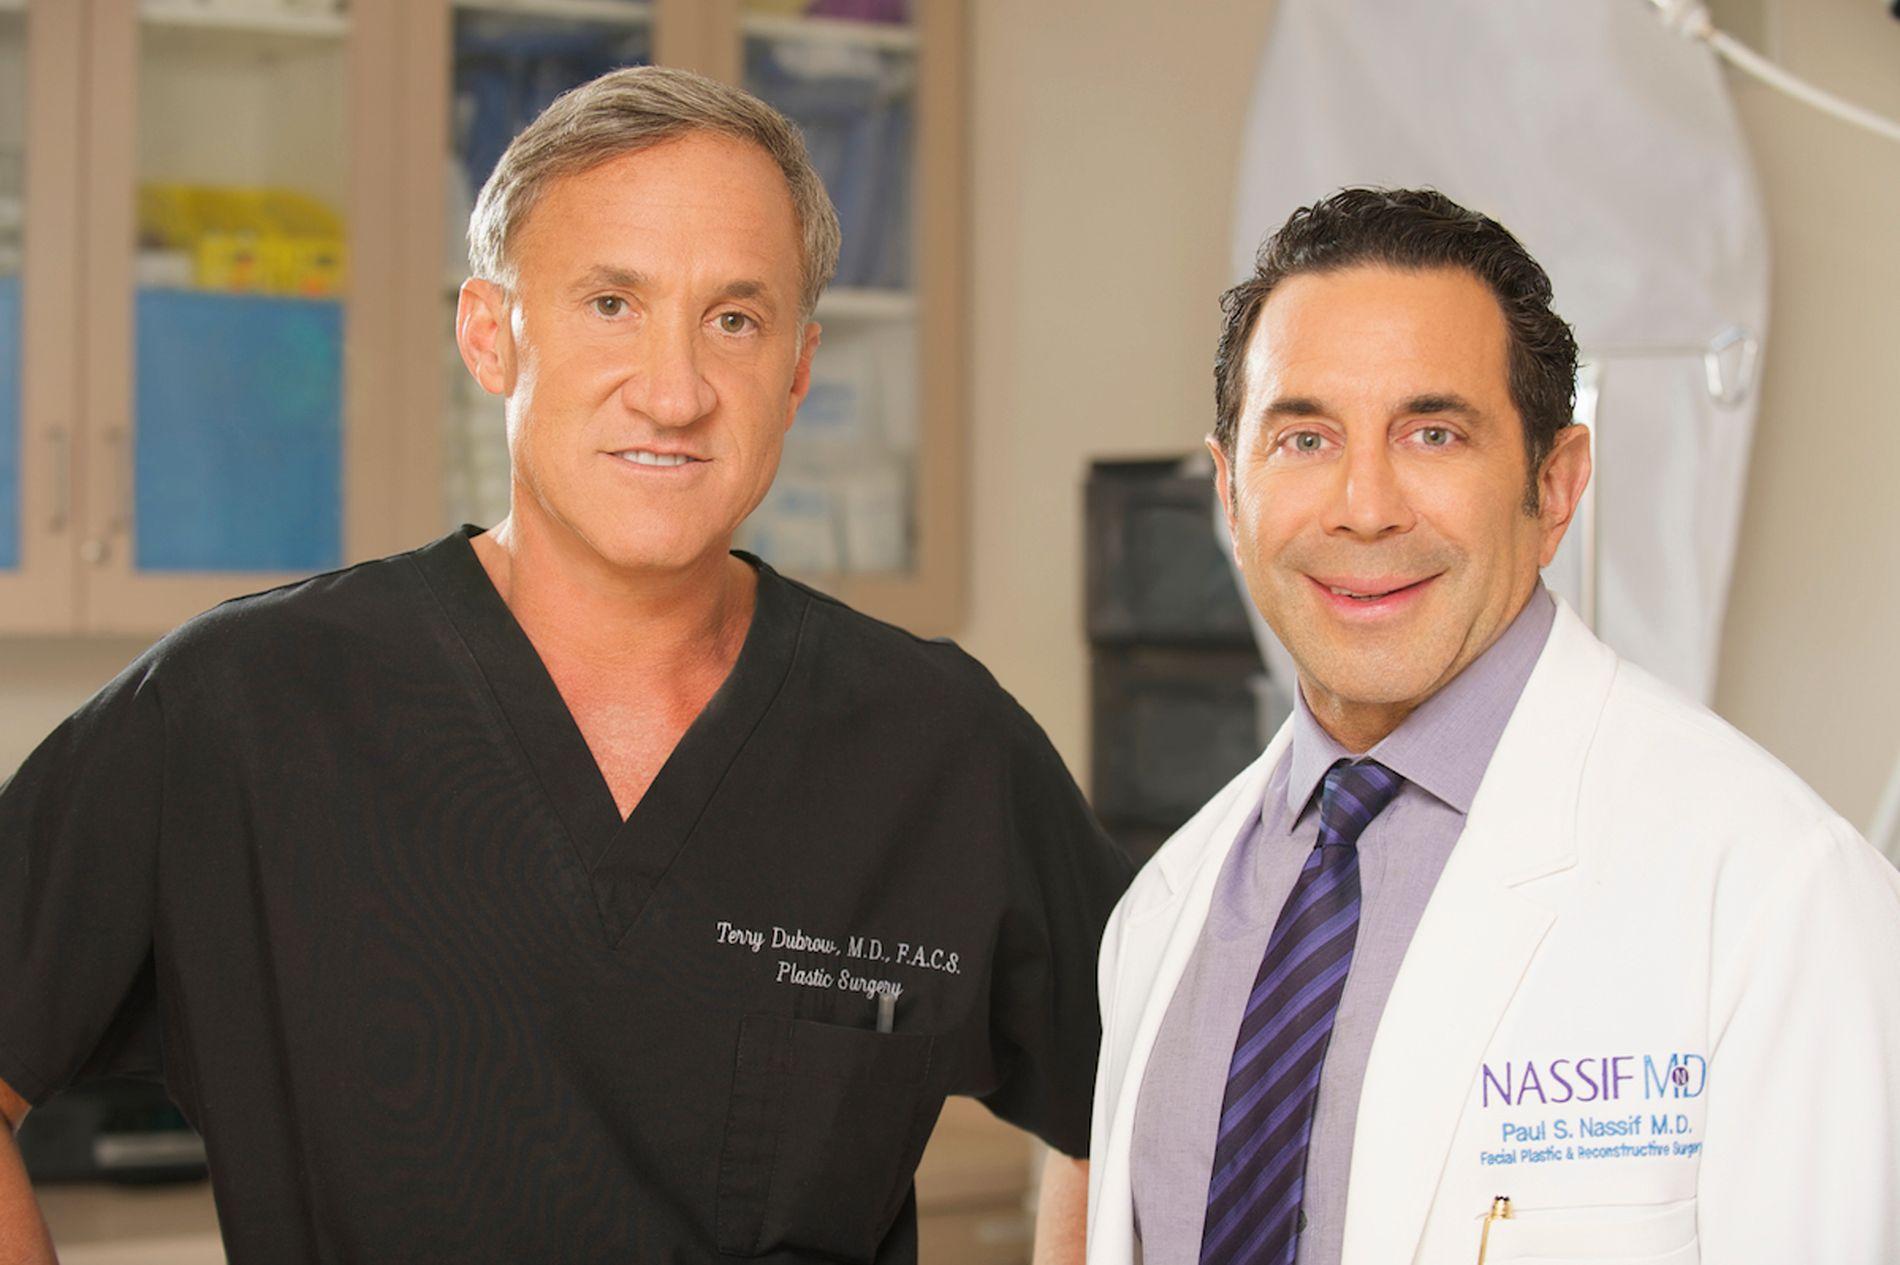 KORRIGERER: Kirurgene Terry Dubrow (t.v.) og Paul Nassif konsulterer mennesker som enten ønsker seg mer plastisk kirurgi, eller korrigering av prosedyrer som har gått feil.